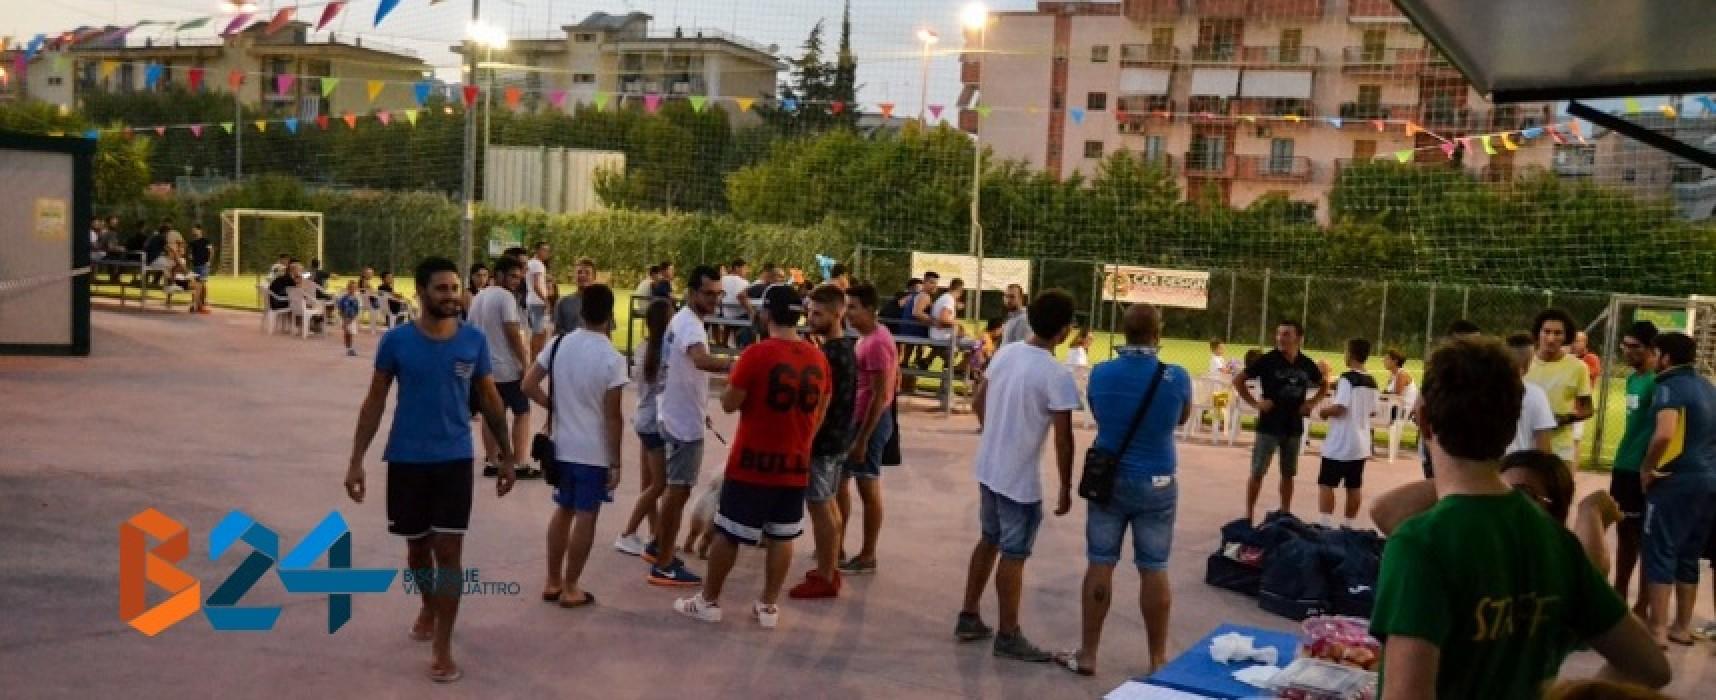 Trofeo Bisceglie24: Blancos si aggiudica il big-match, The Madcap a valanga // RISULTATI E CLASSIFICHE